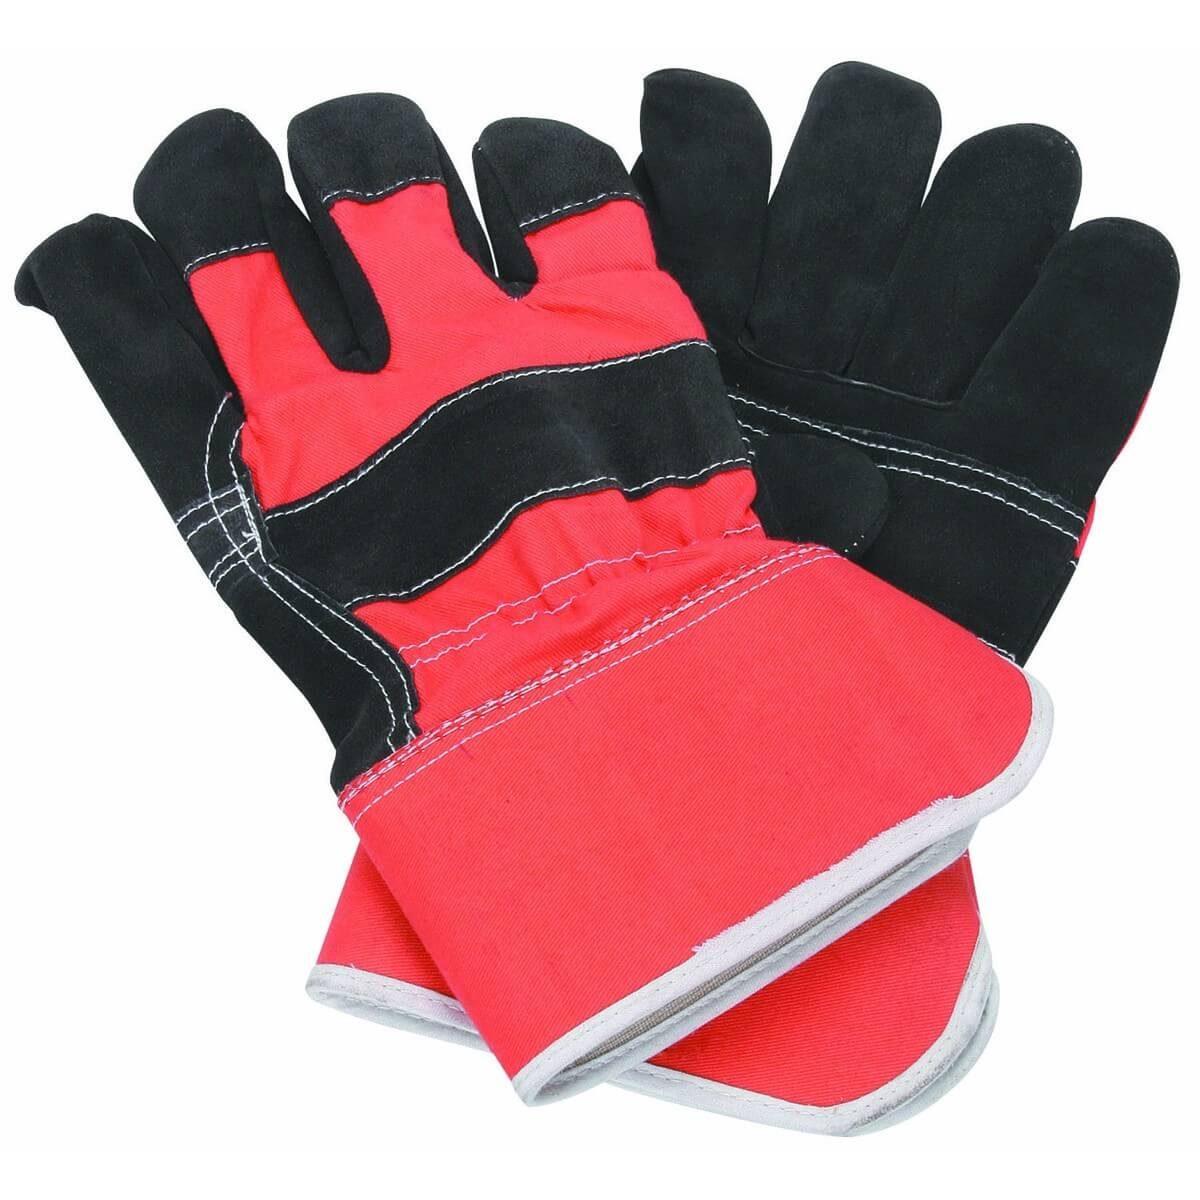 Sturdy Work Gloves